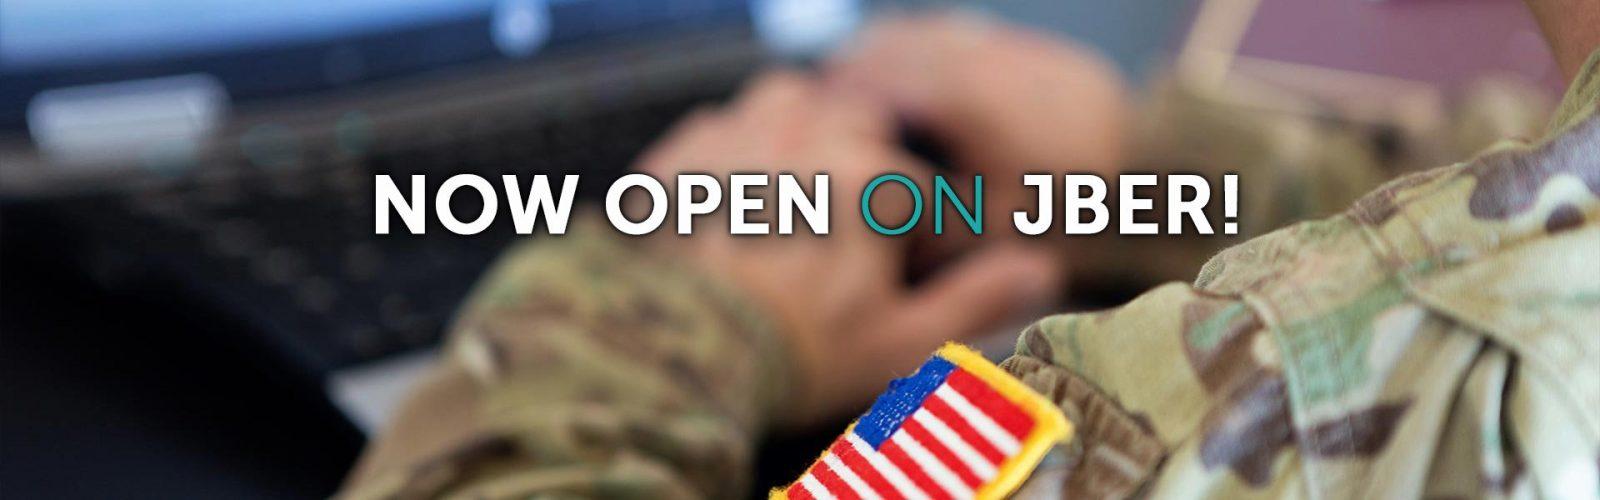 open-on-JBER